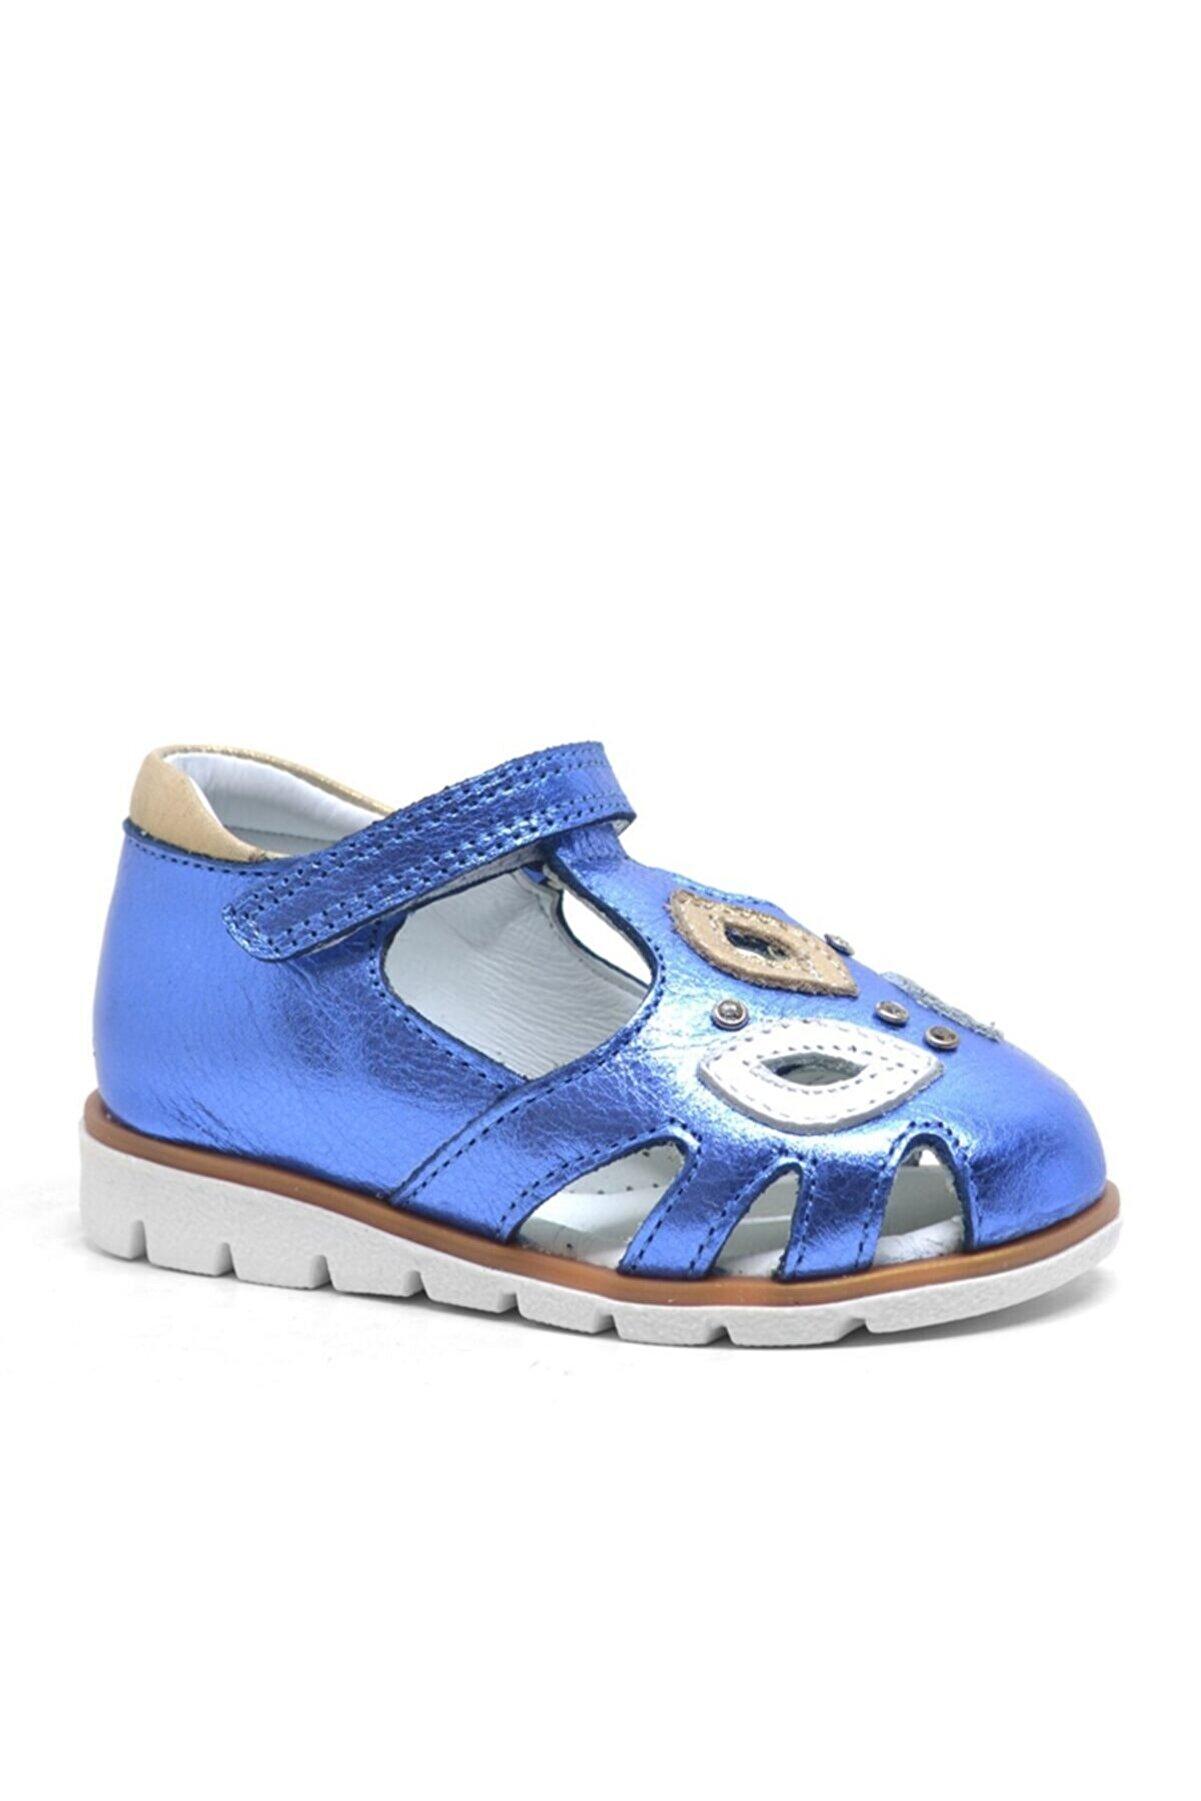 Kids Hakiki Deri Lacivert Rugan Cırtlı Kız Bebek Sandalet